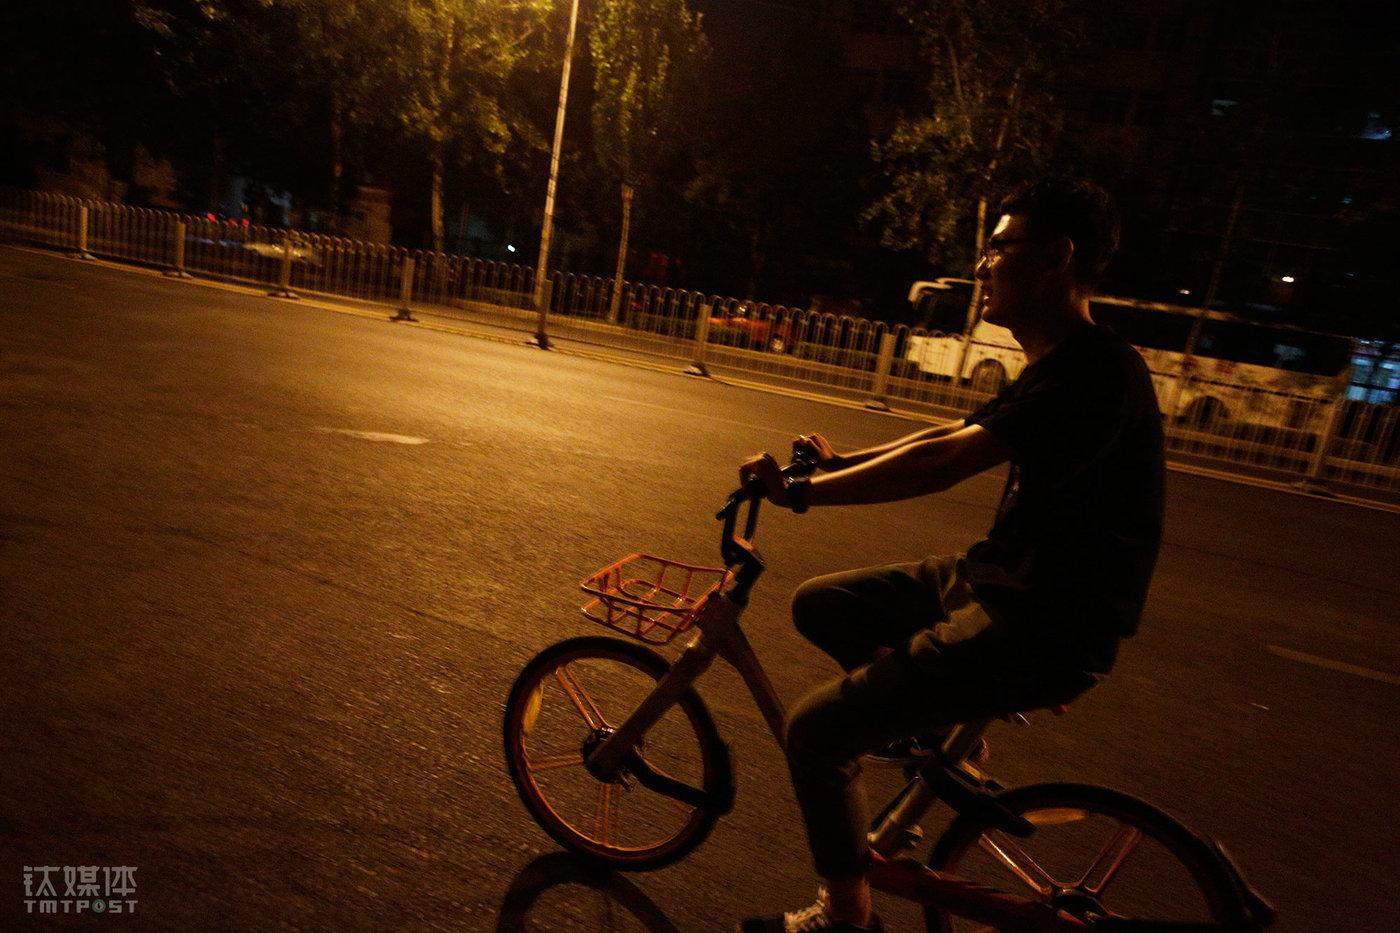 6月8日凌晨12:30,下了晚班的小林骑车往回赶。公司的晚班有补贴,他更喜欢上晚班。